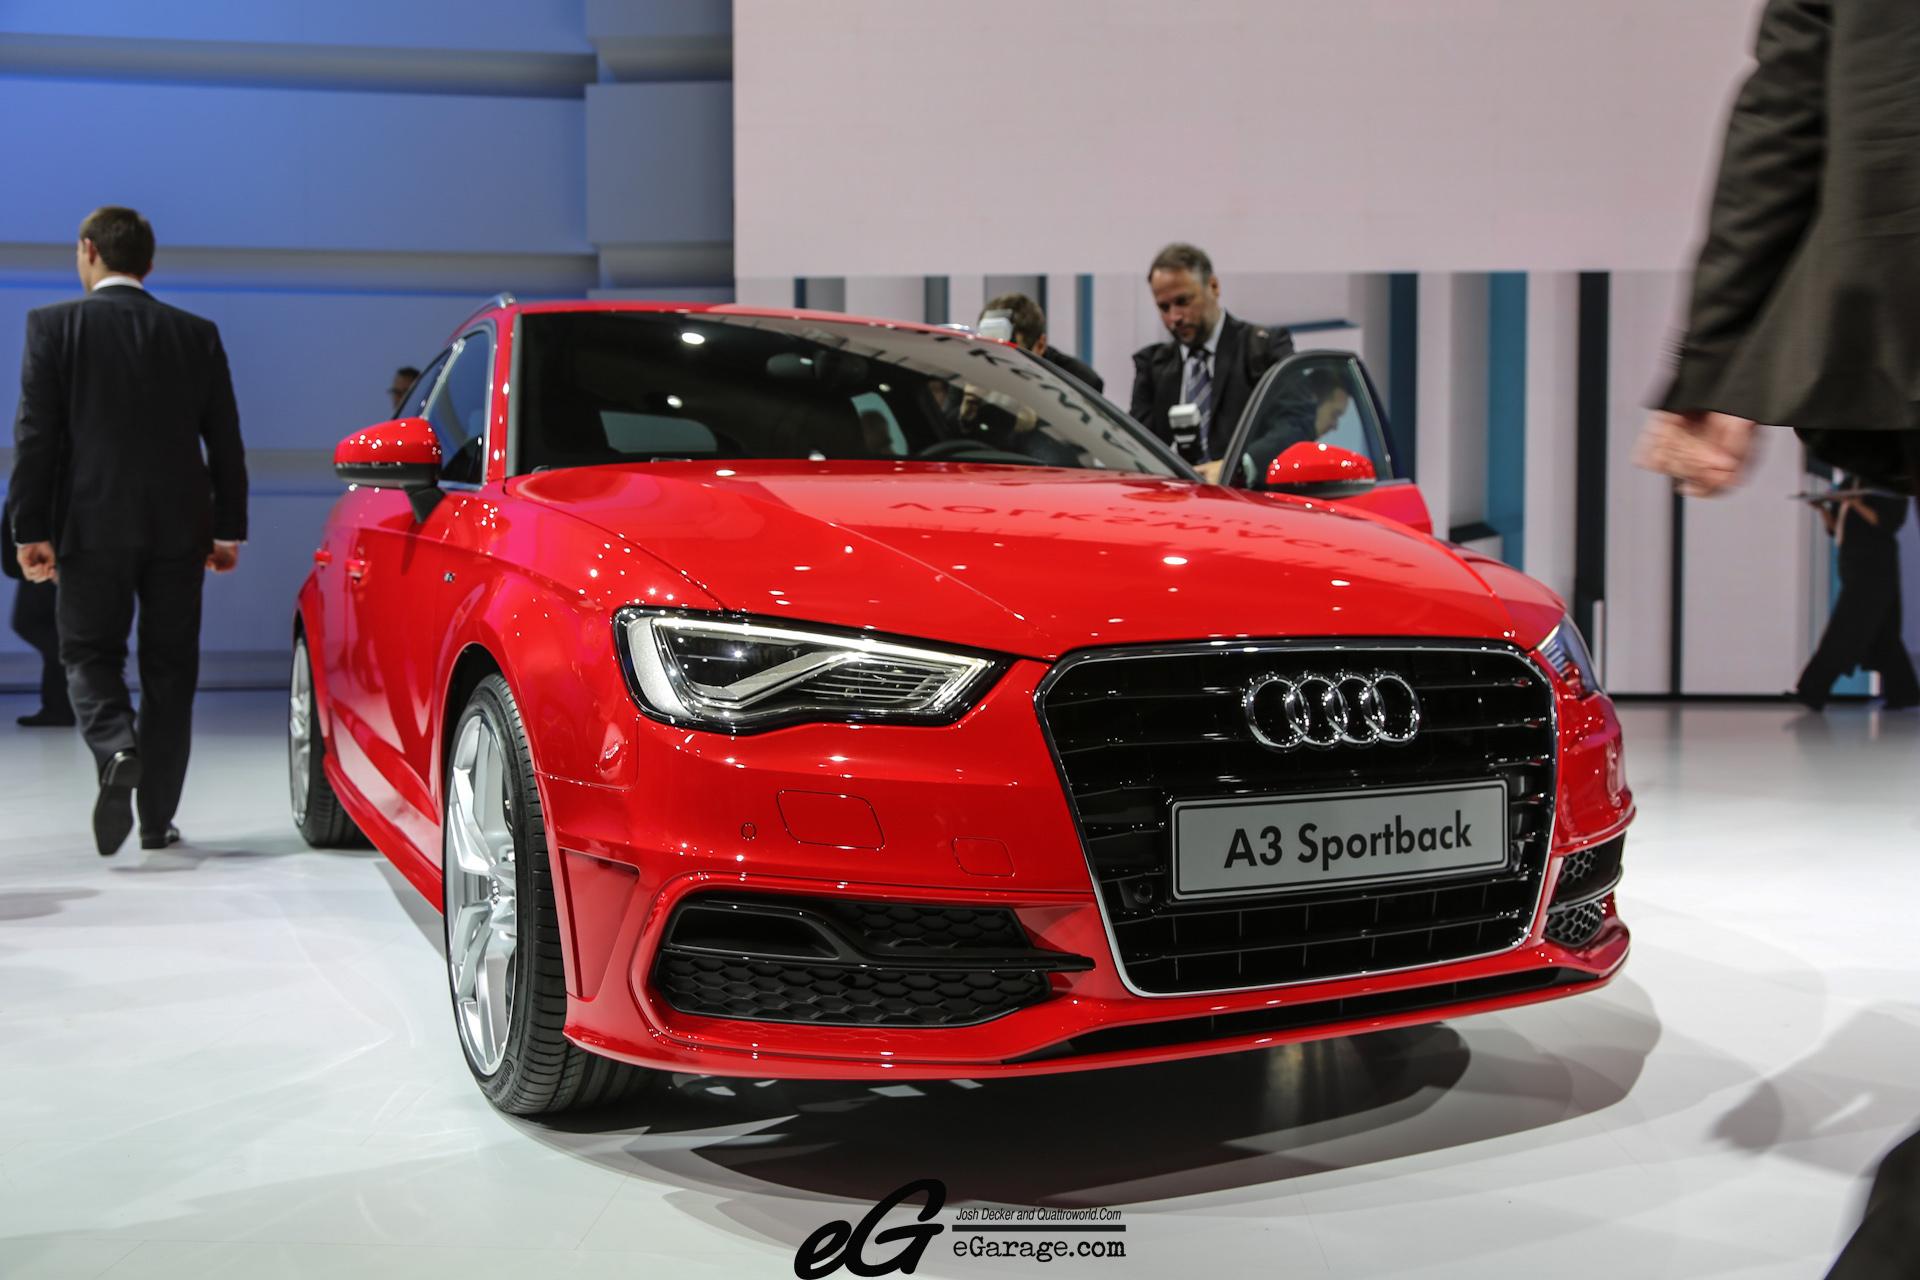 8030383355 b6711240c1 o 2012 Paris Motor Show